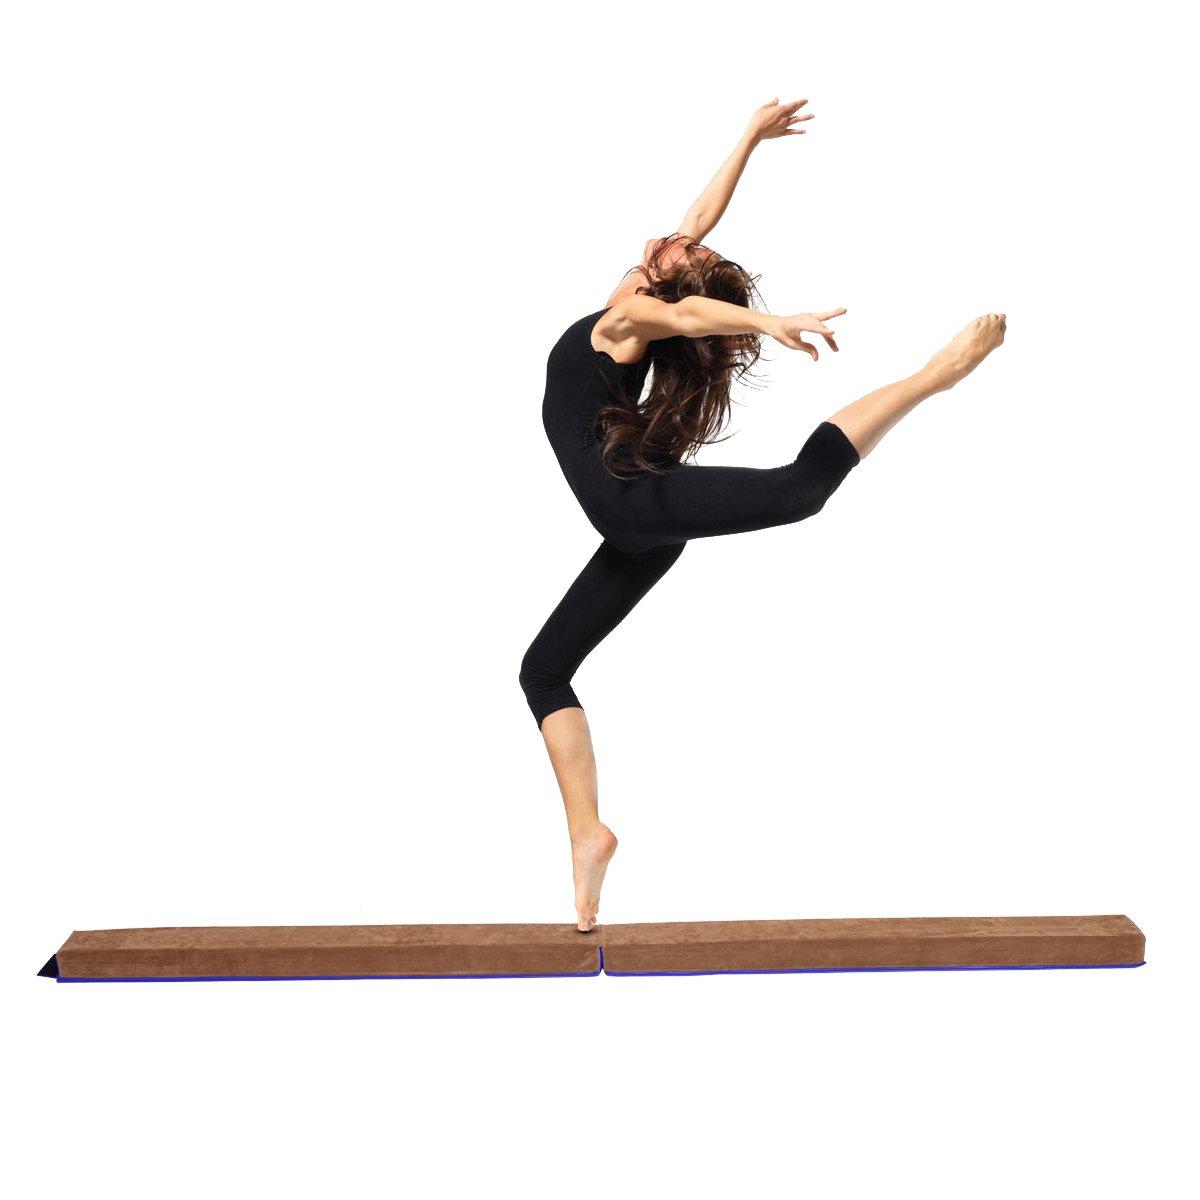 Poutre Gymnastique Poutre d'équilibre pliable en simili-cuir 2, 4m REAL 24 Automatic